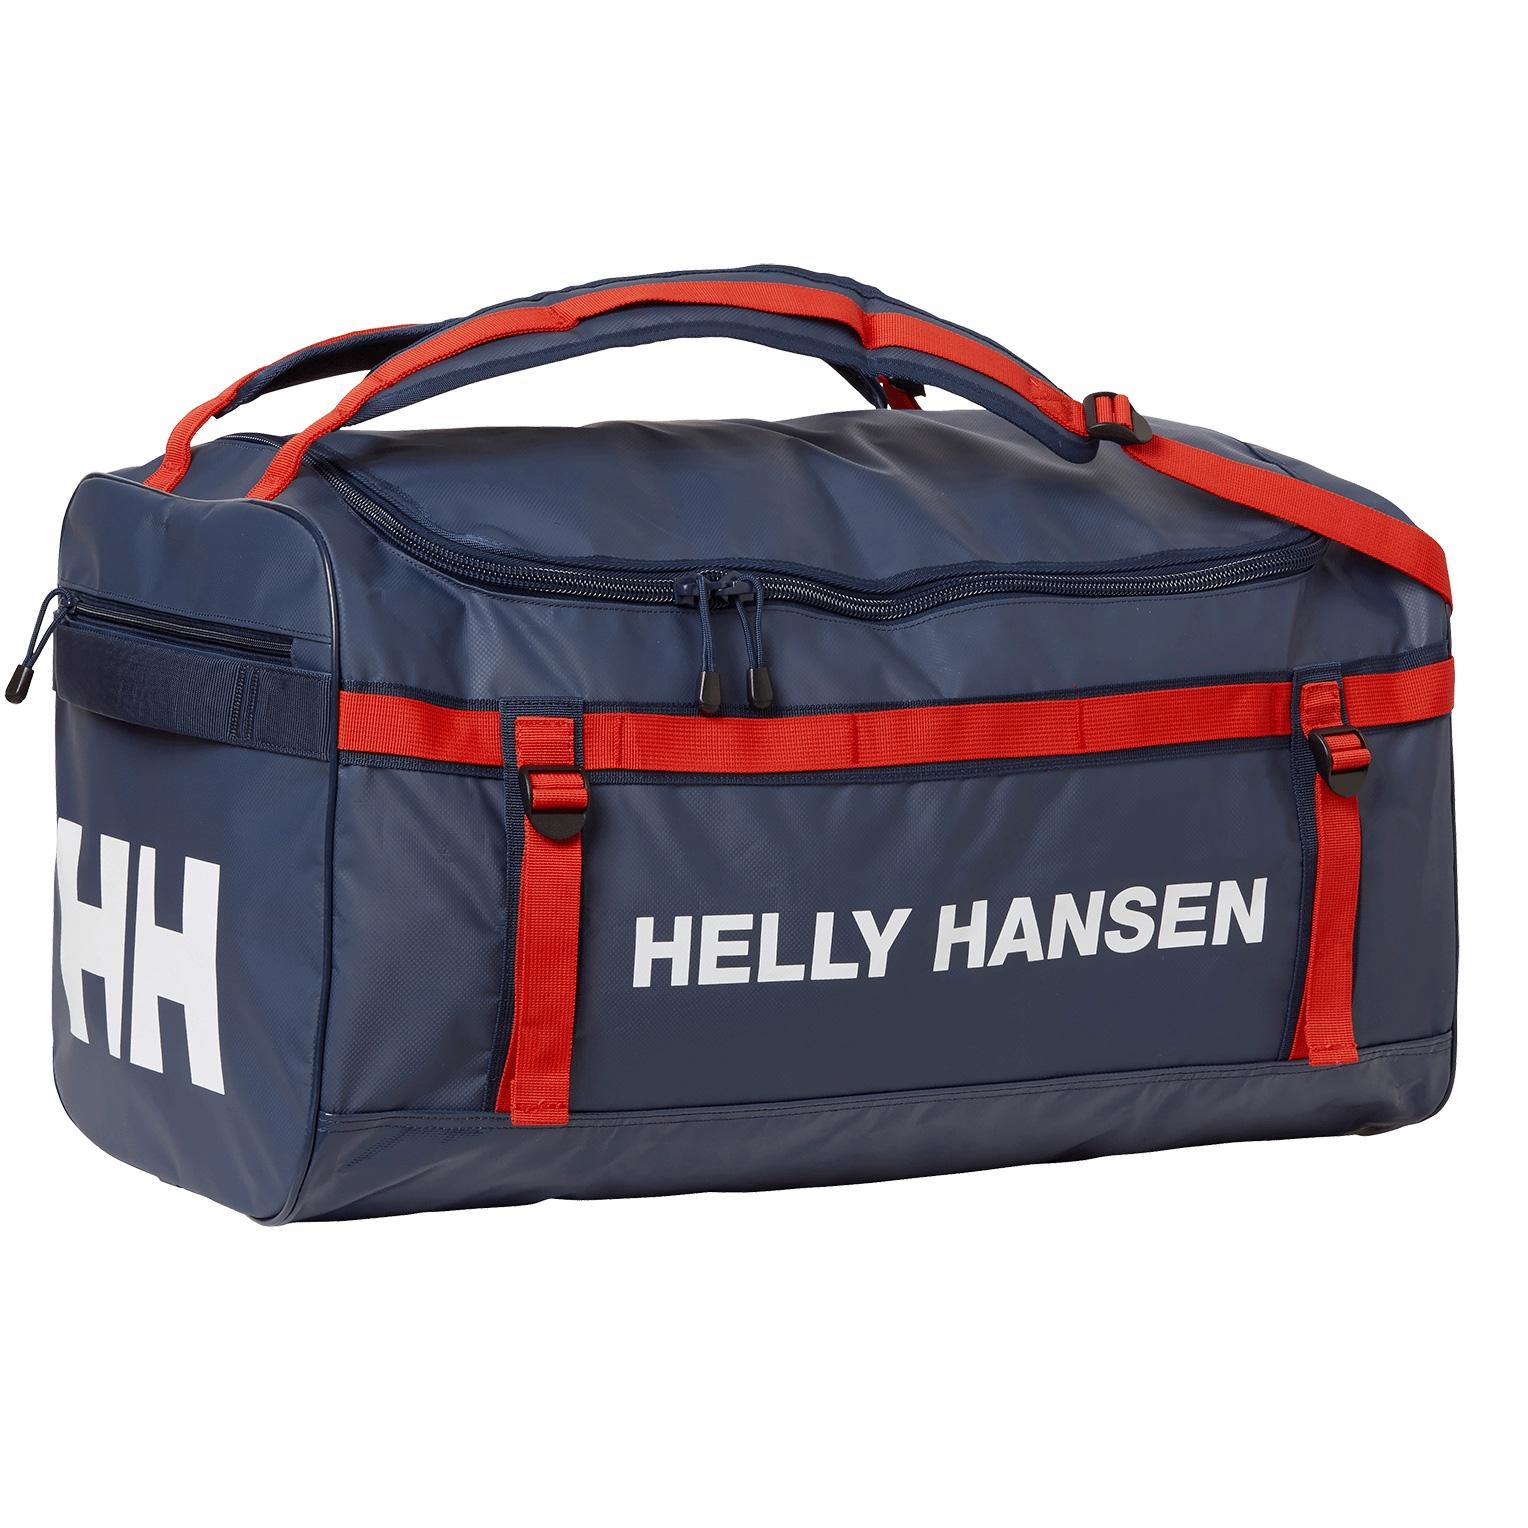 acheter en ligne 30dc9 c5e4c Sac de voyage Helly Hansen HH Classic Duffel Bag L